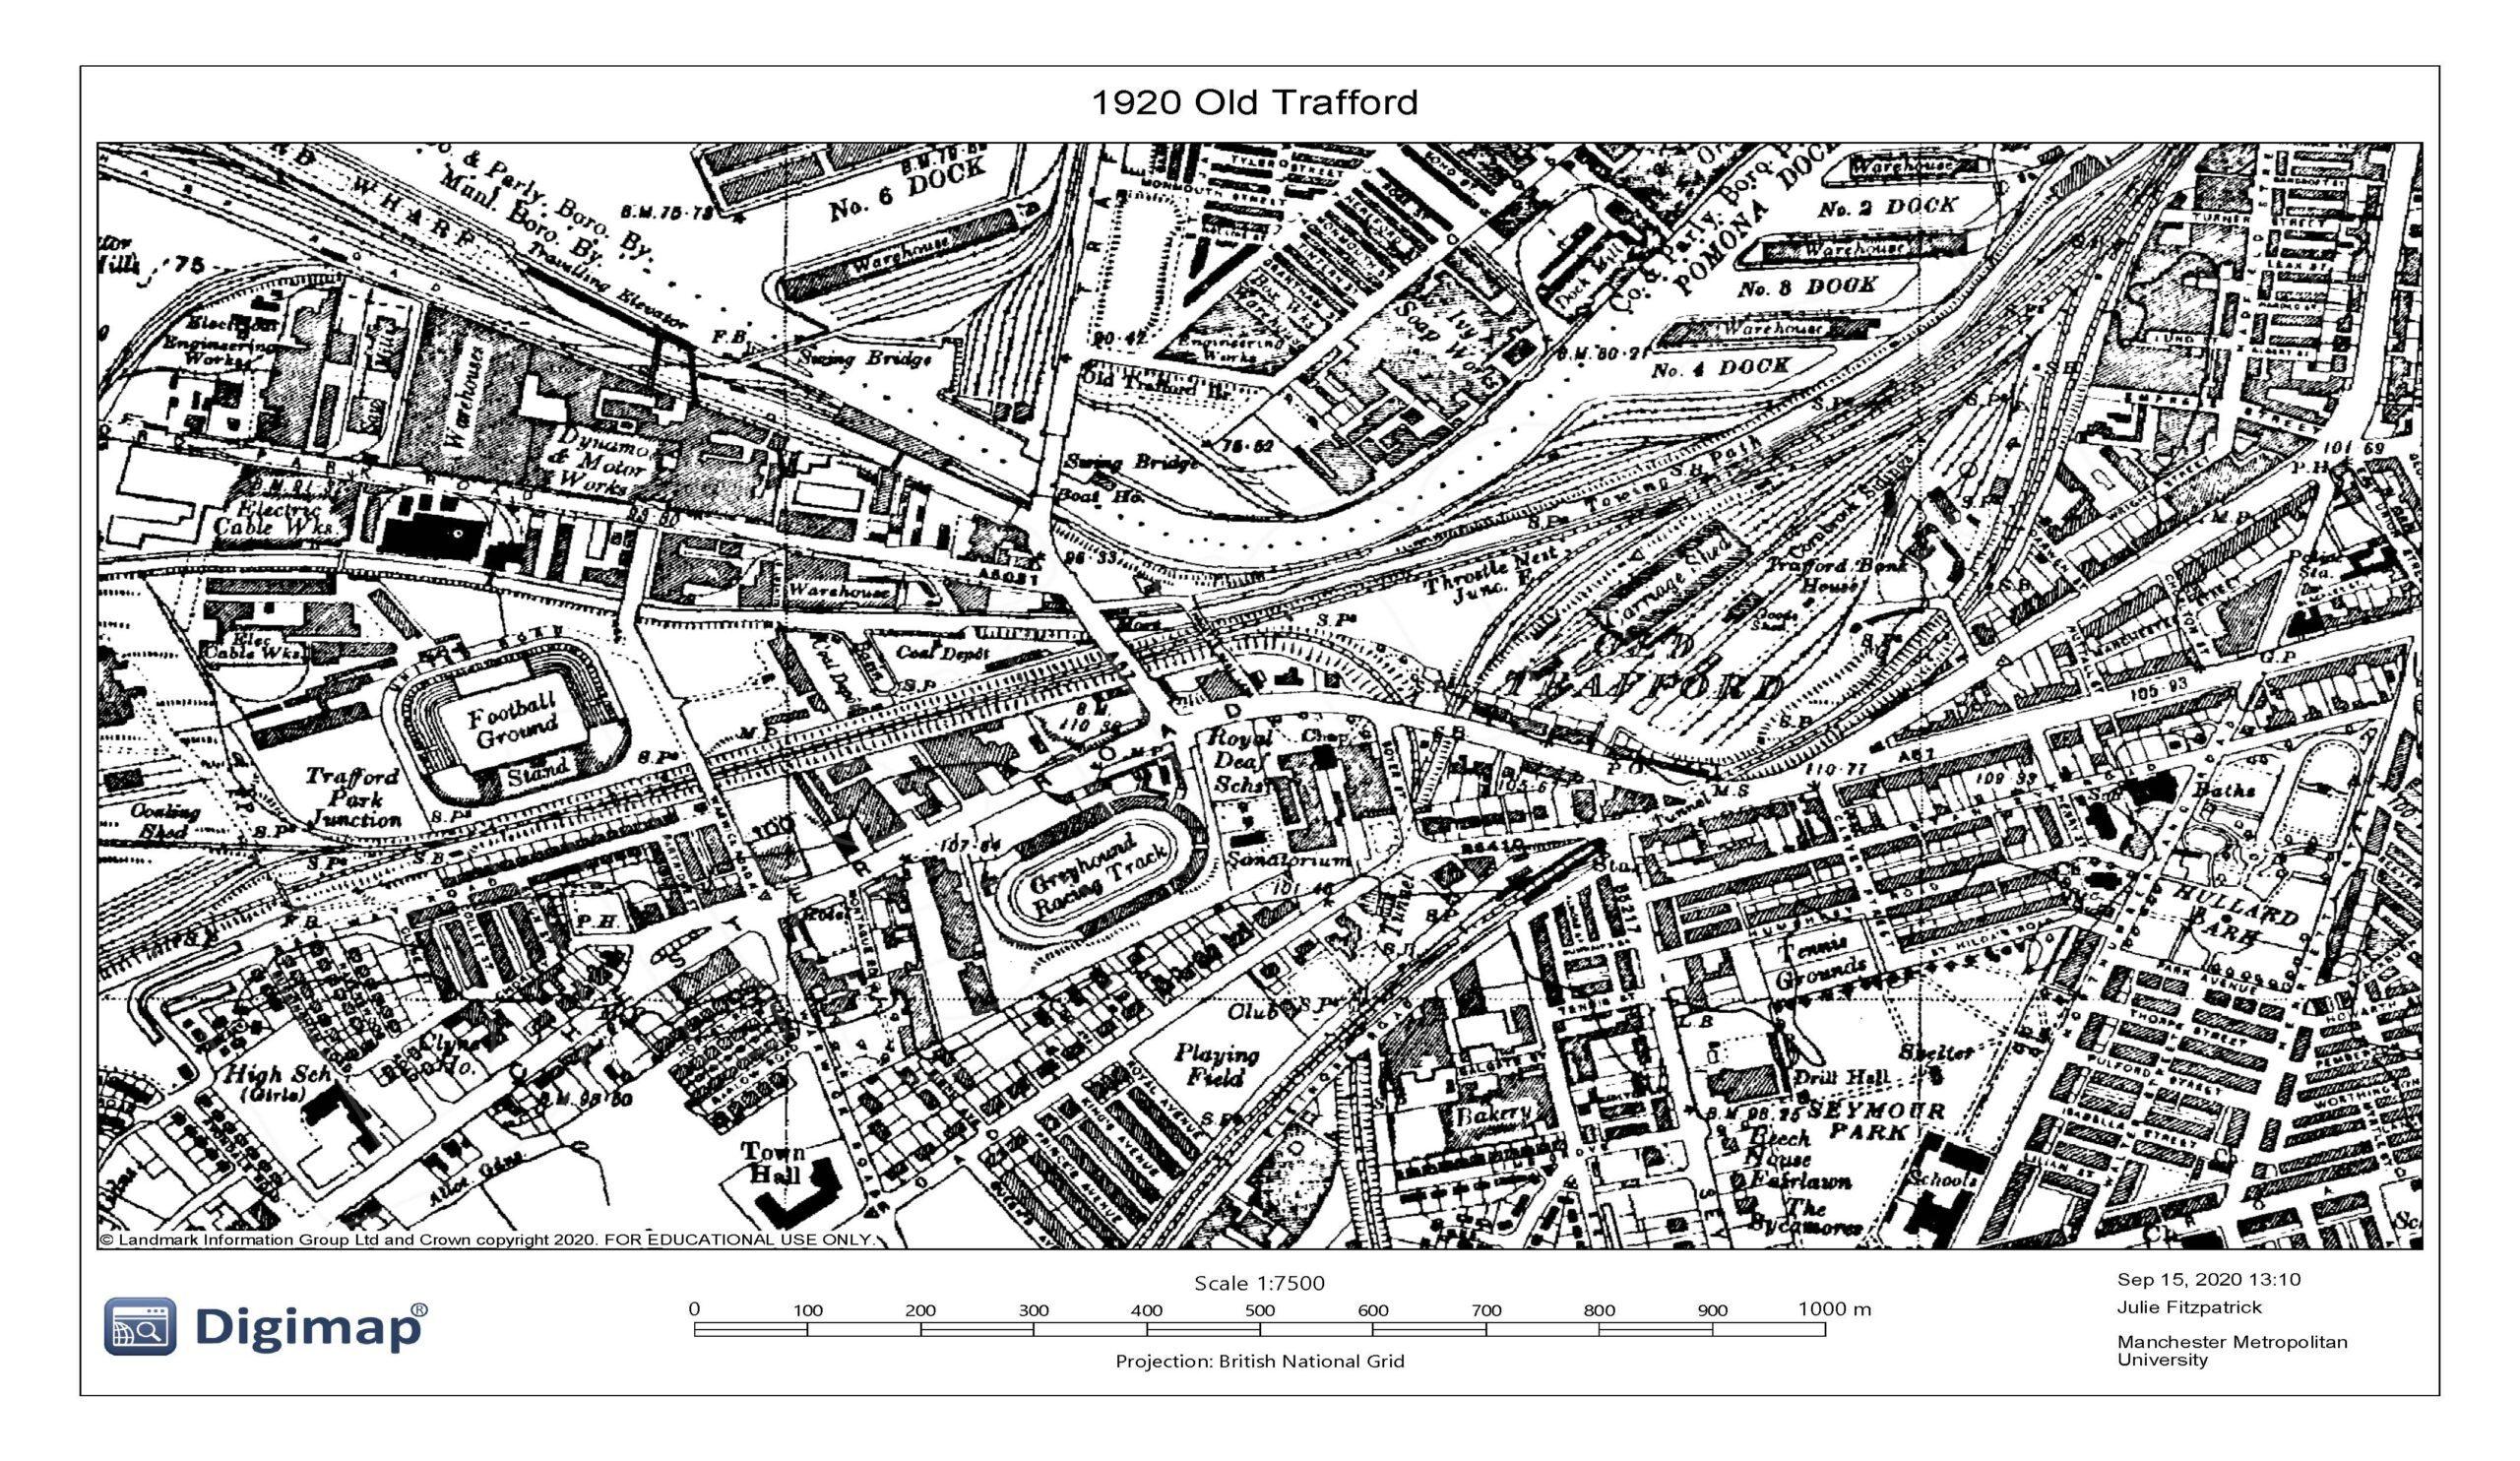 1920 Old Trafford